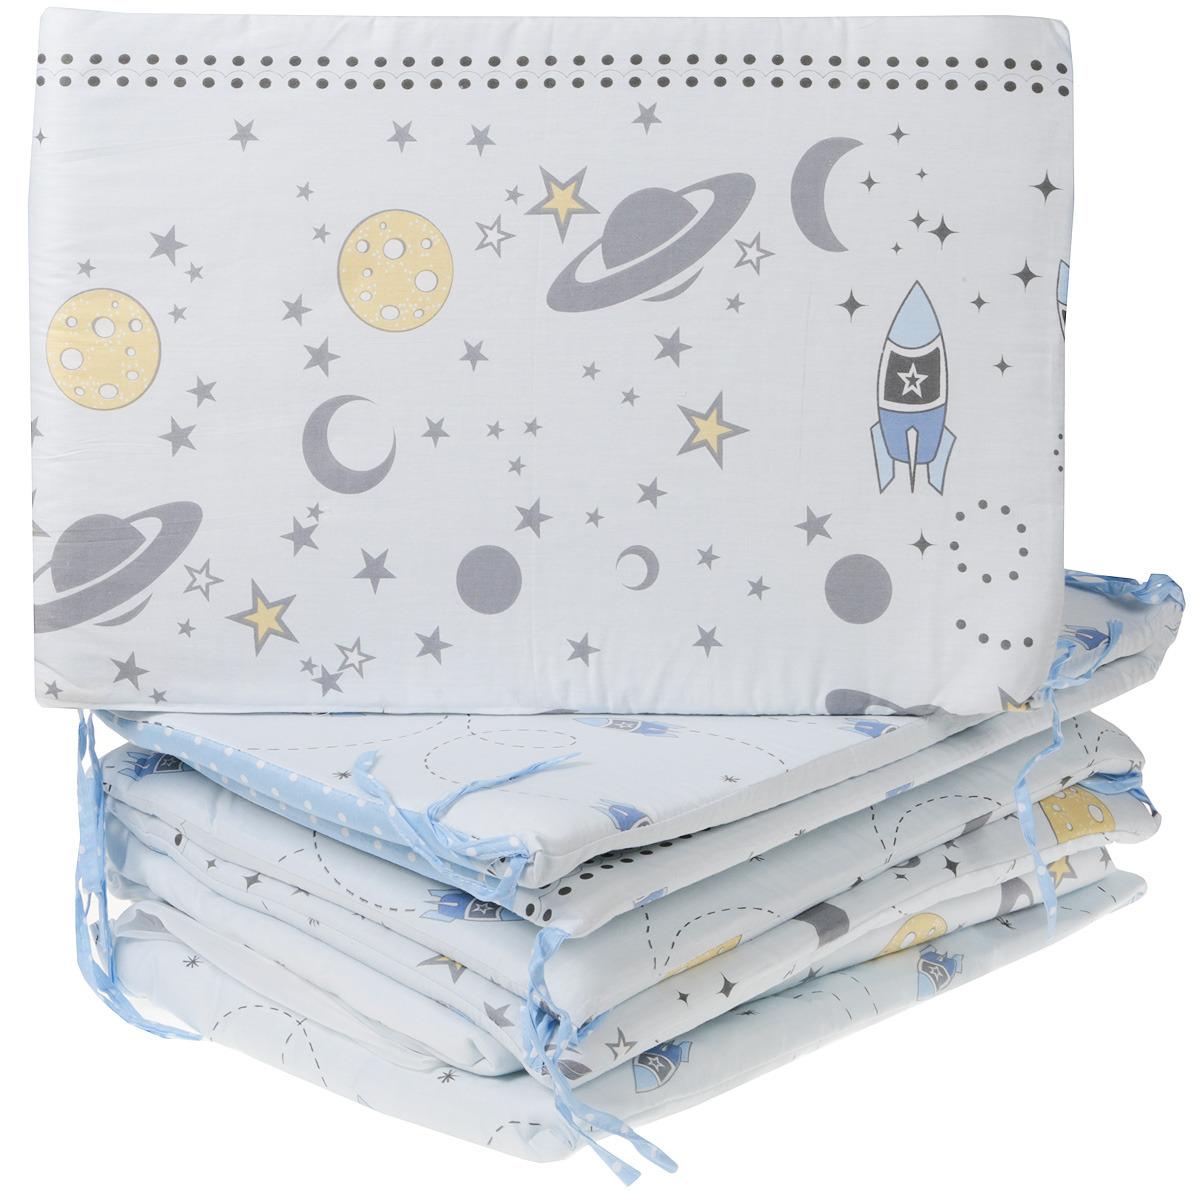 Комплект в кроватку Sweet Baby Cosmo, 412836, голубой, 7 предметов